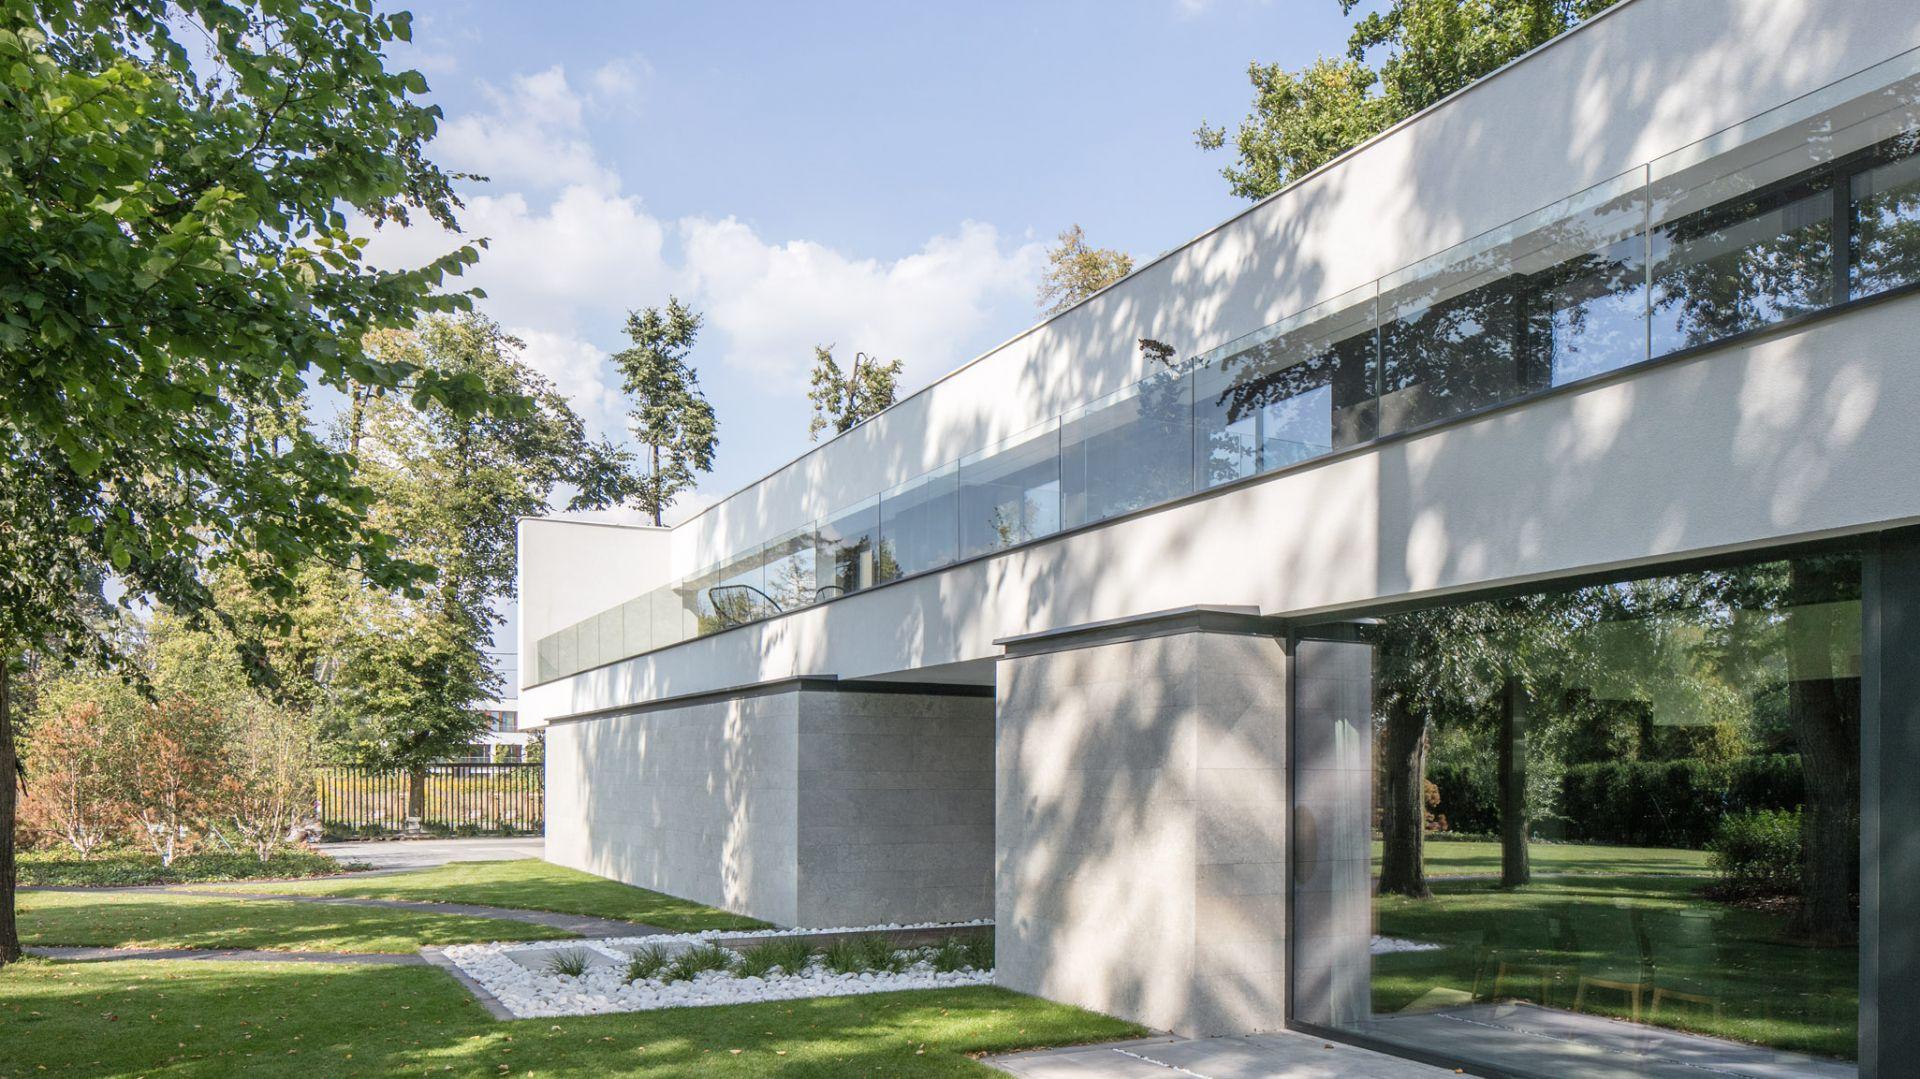 Dom projektu pracowni REFORM ARCHITEKT jest zlokalizowany w Łodzi, na działce liczącej 2500 m². Projekt i zdjęcia: REFORM Architekt